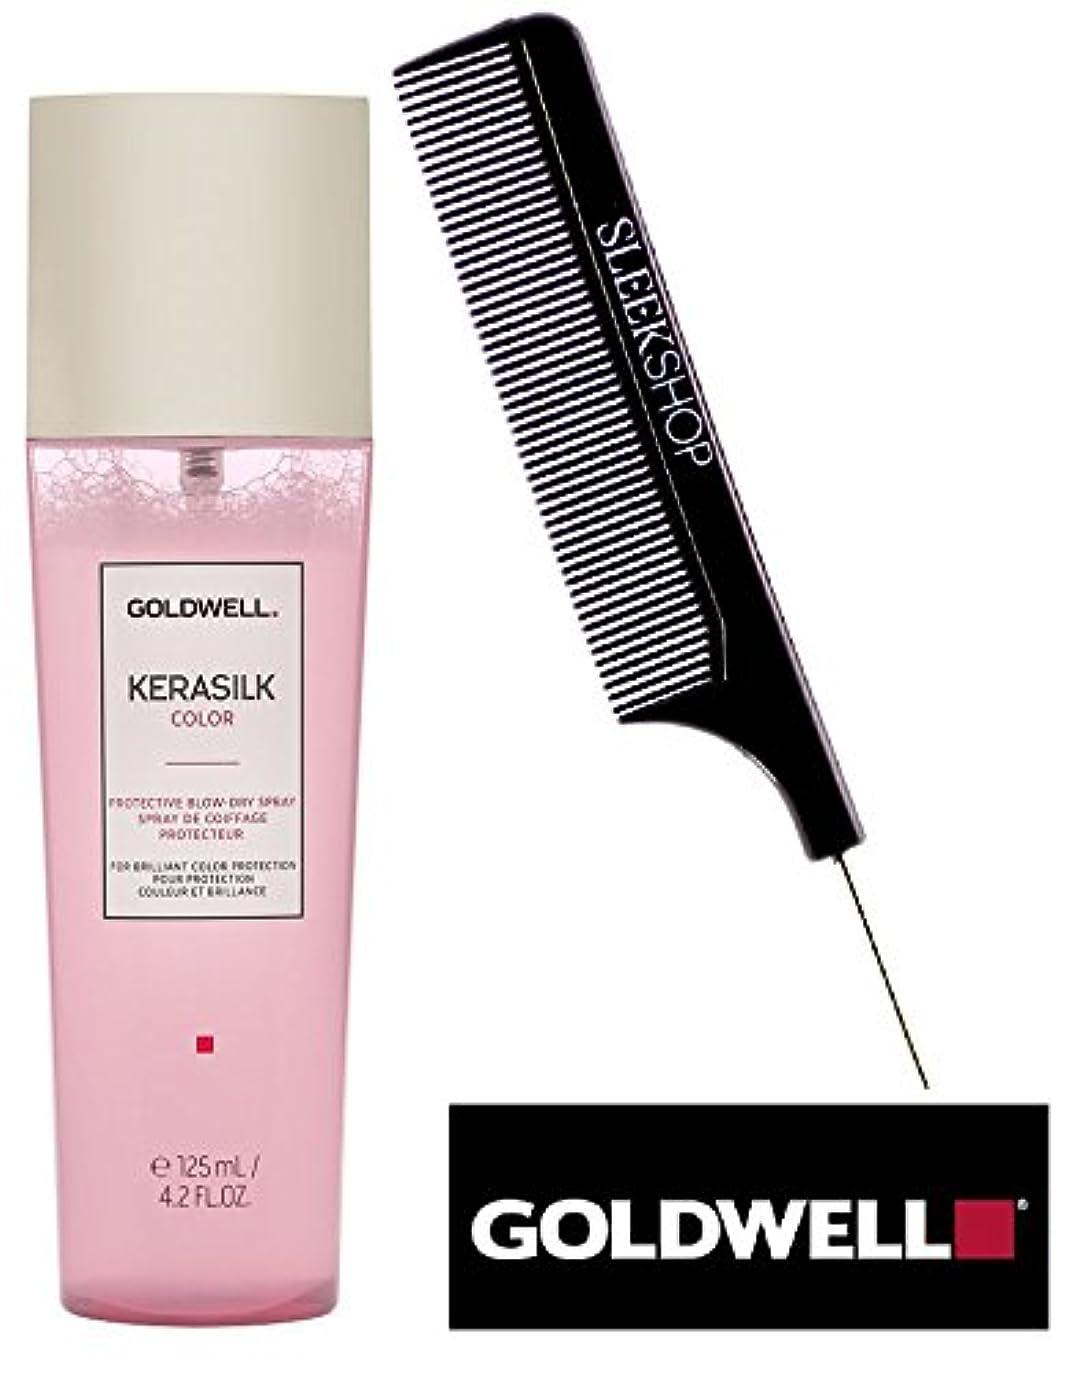 うつ十分舌なGoldwell Kerasilk COLOR保護は)((流線型スチールピンテール櫛で)鮮やかな色の保護のためにドライスプレーを吹き 4.2オンス/ 125ミリリットル